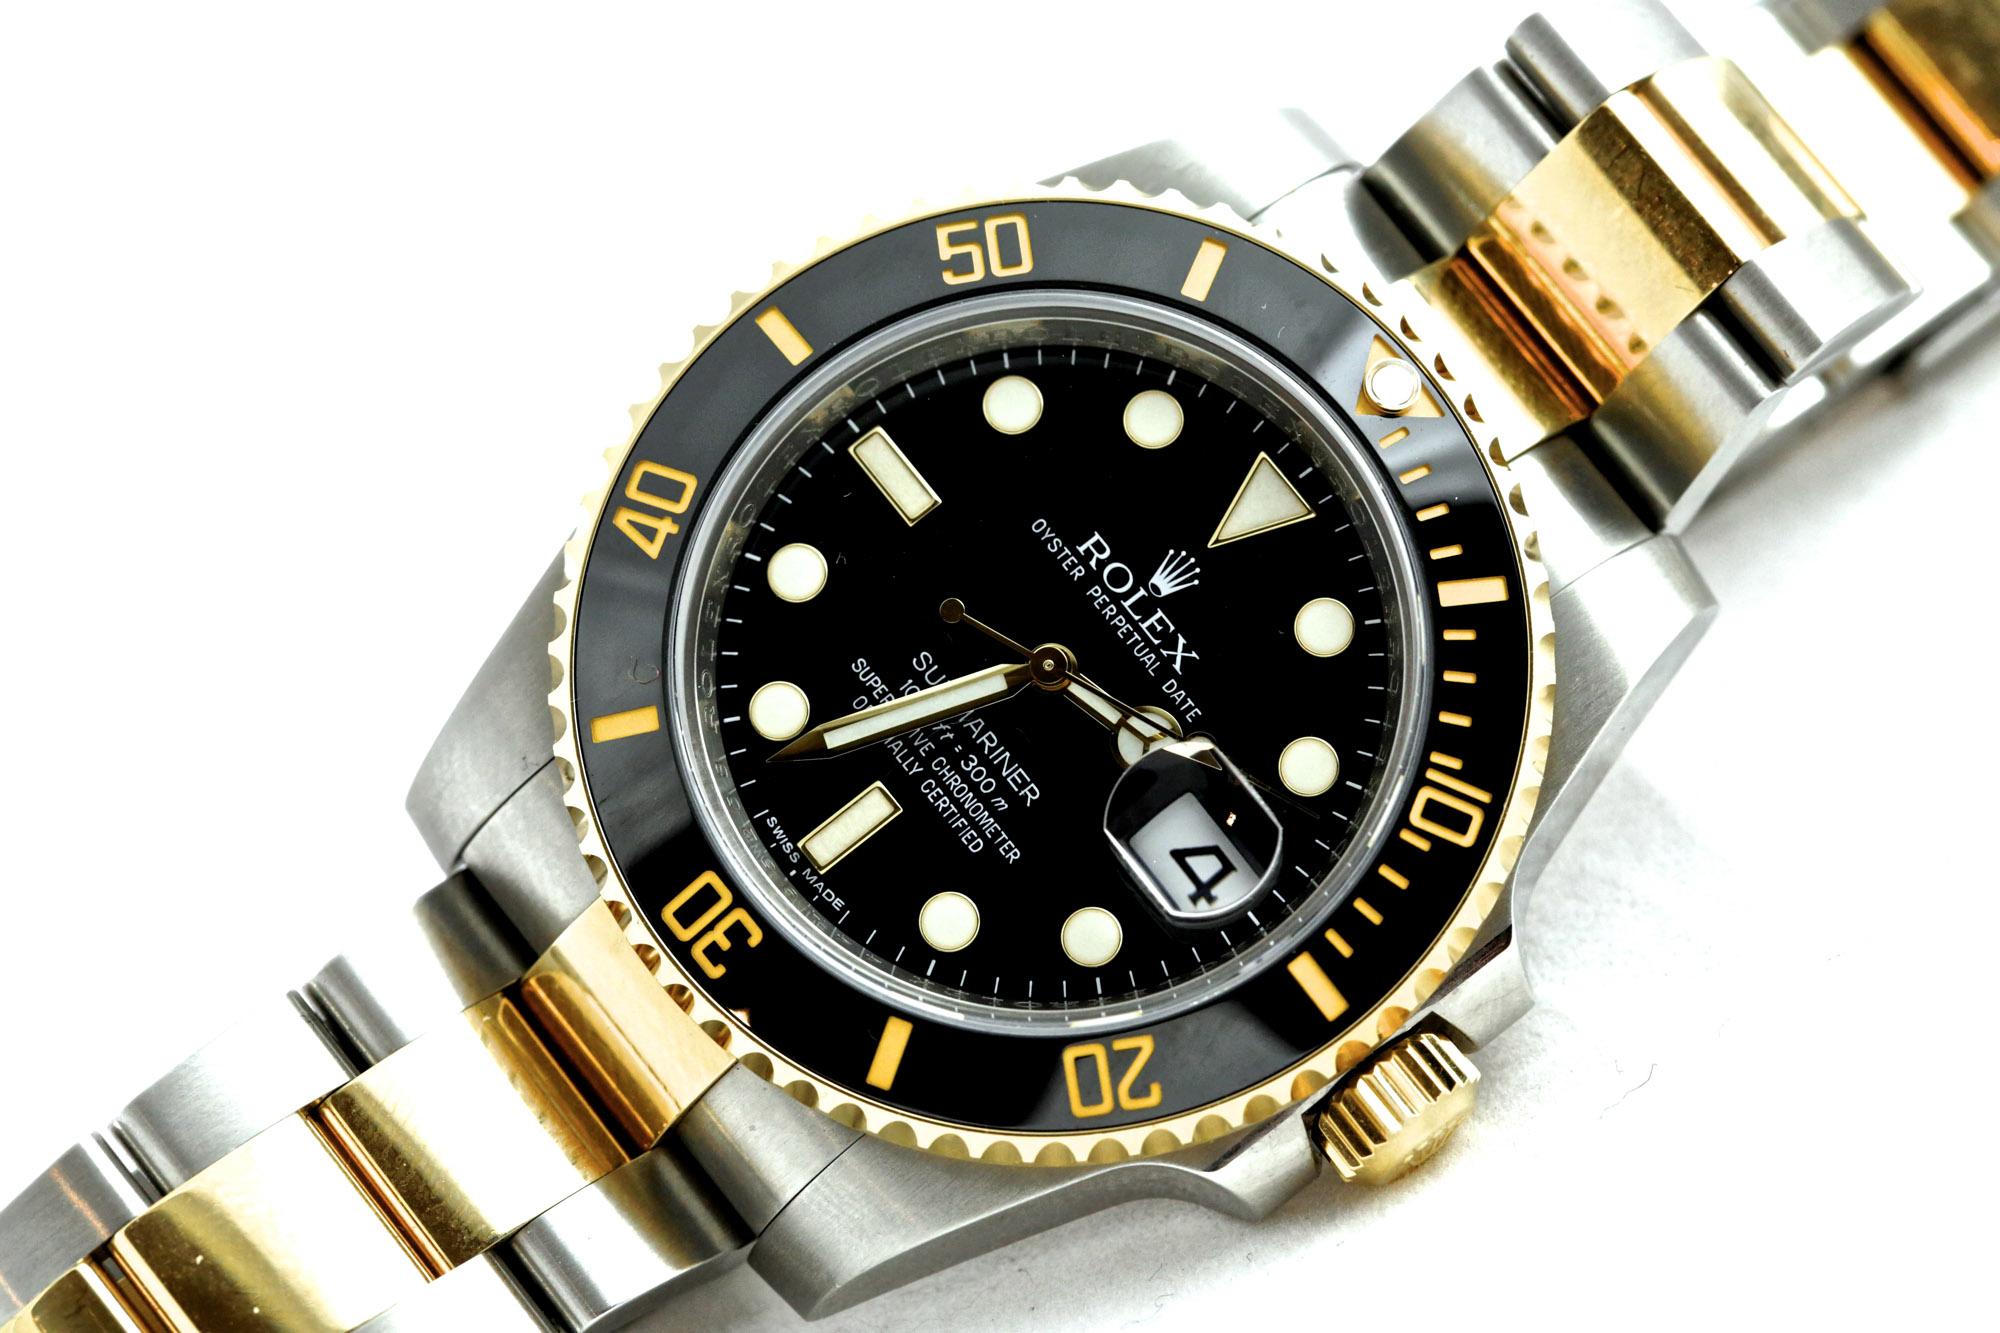 Rolex Submariner Date (Ref. 116613LN)